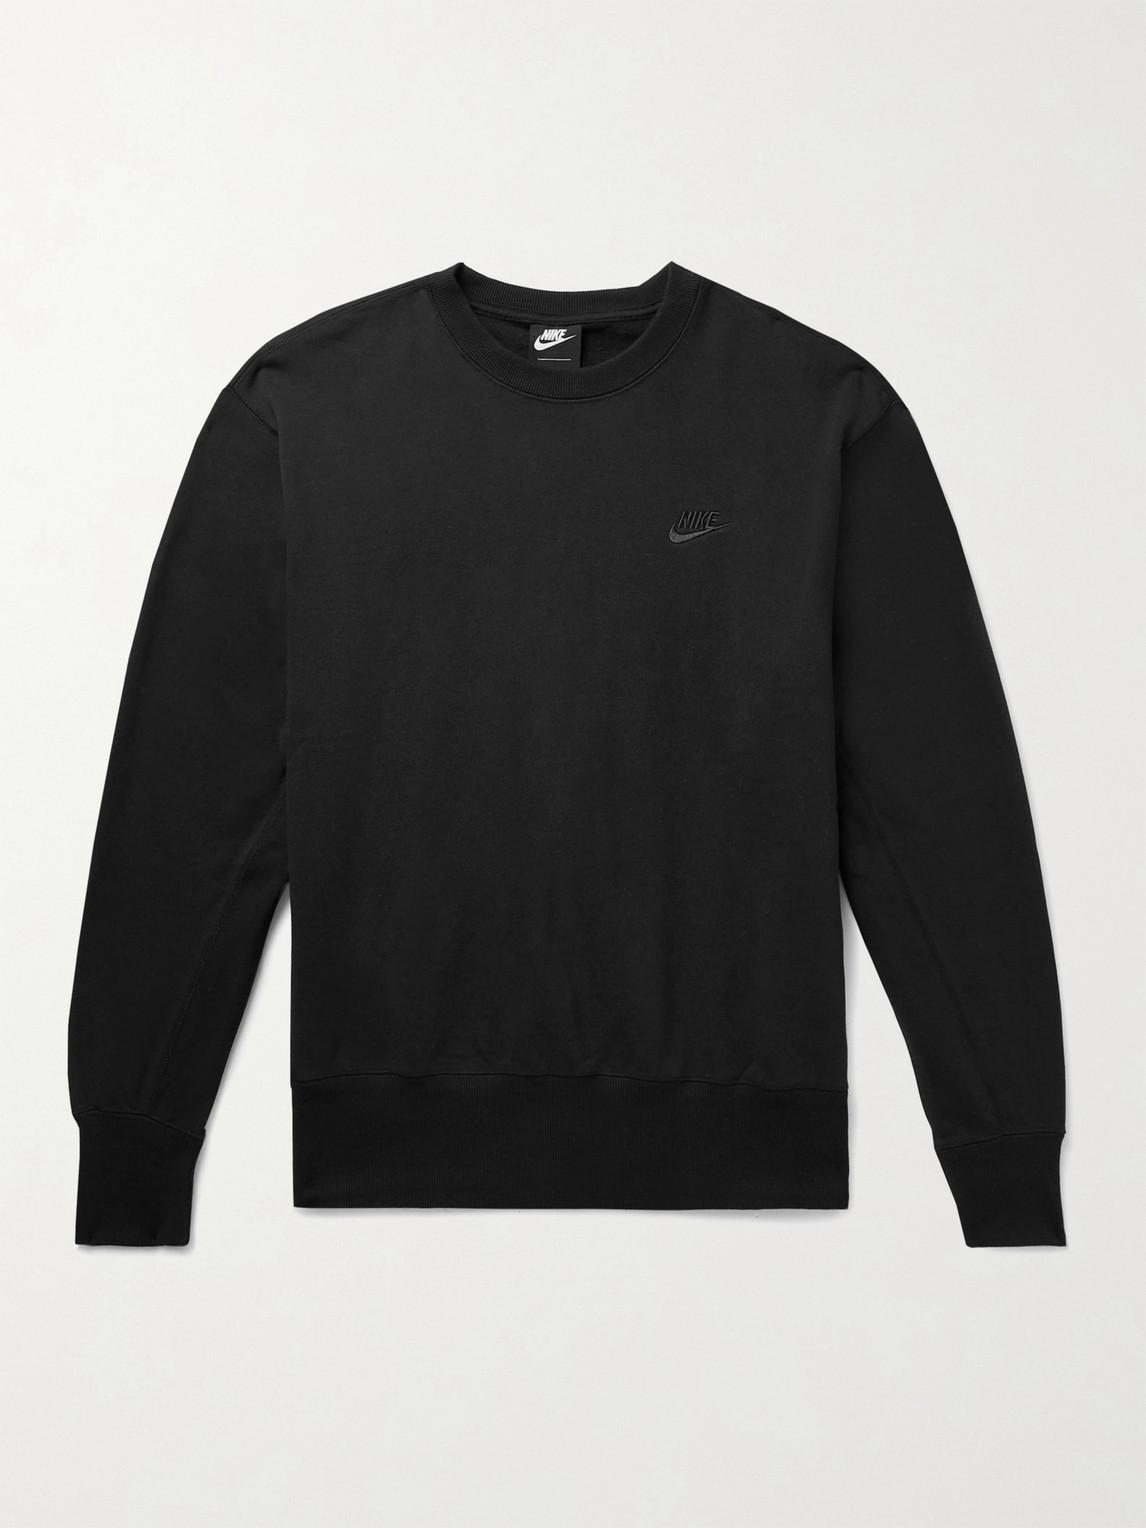 Nike SPORTSWEAR LOGO-EMBROIDERED FLEECE-BACK COTTON-JERSEY SWEATSHIRT